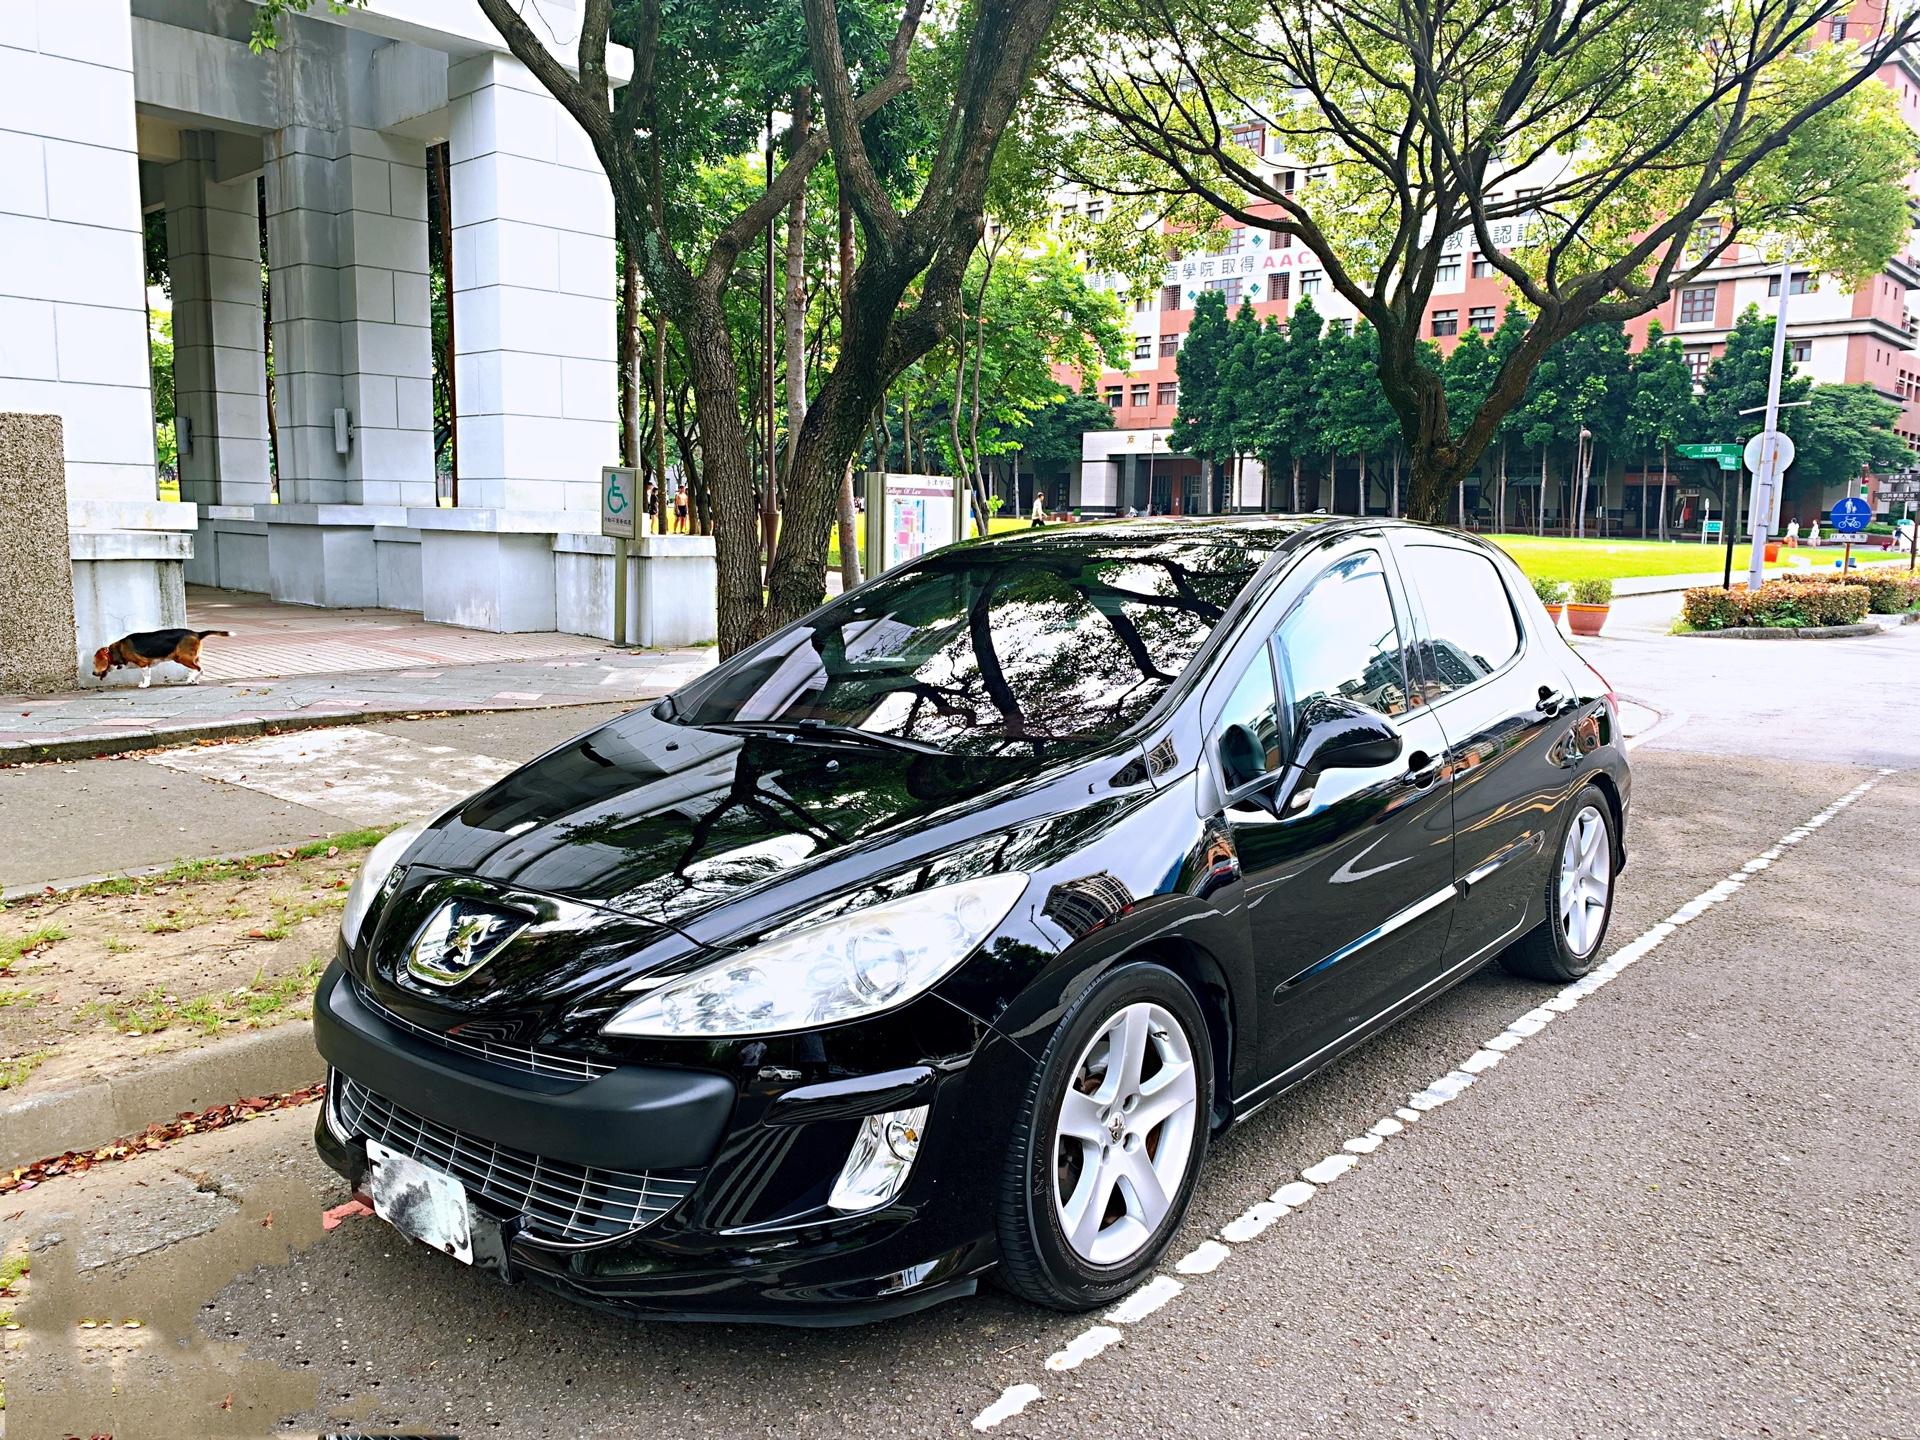 2011 Peugeot 寶獅 308